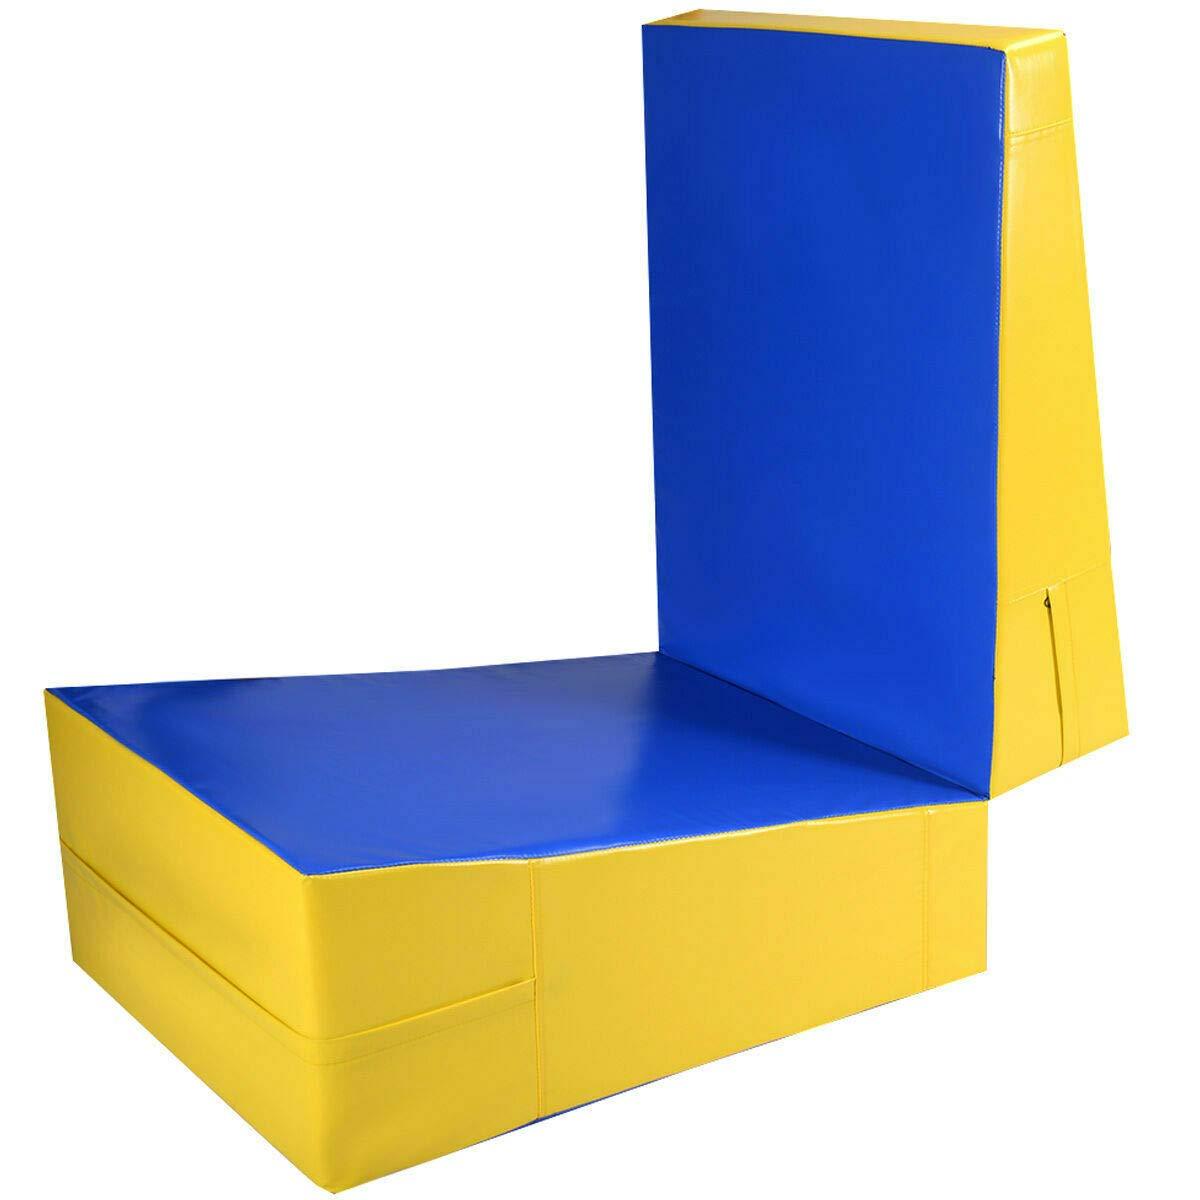 NanaPluz 70インチ 折りたたみエアロビクスタンブリングウェッジ傾斜マット PVCカバー チーズフィットネス 体操 ジム エクササイズ スロープ電子ブック付き